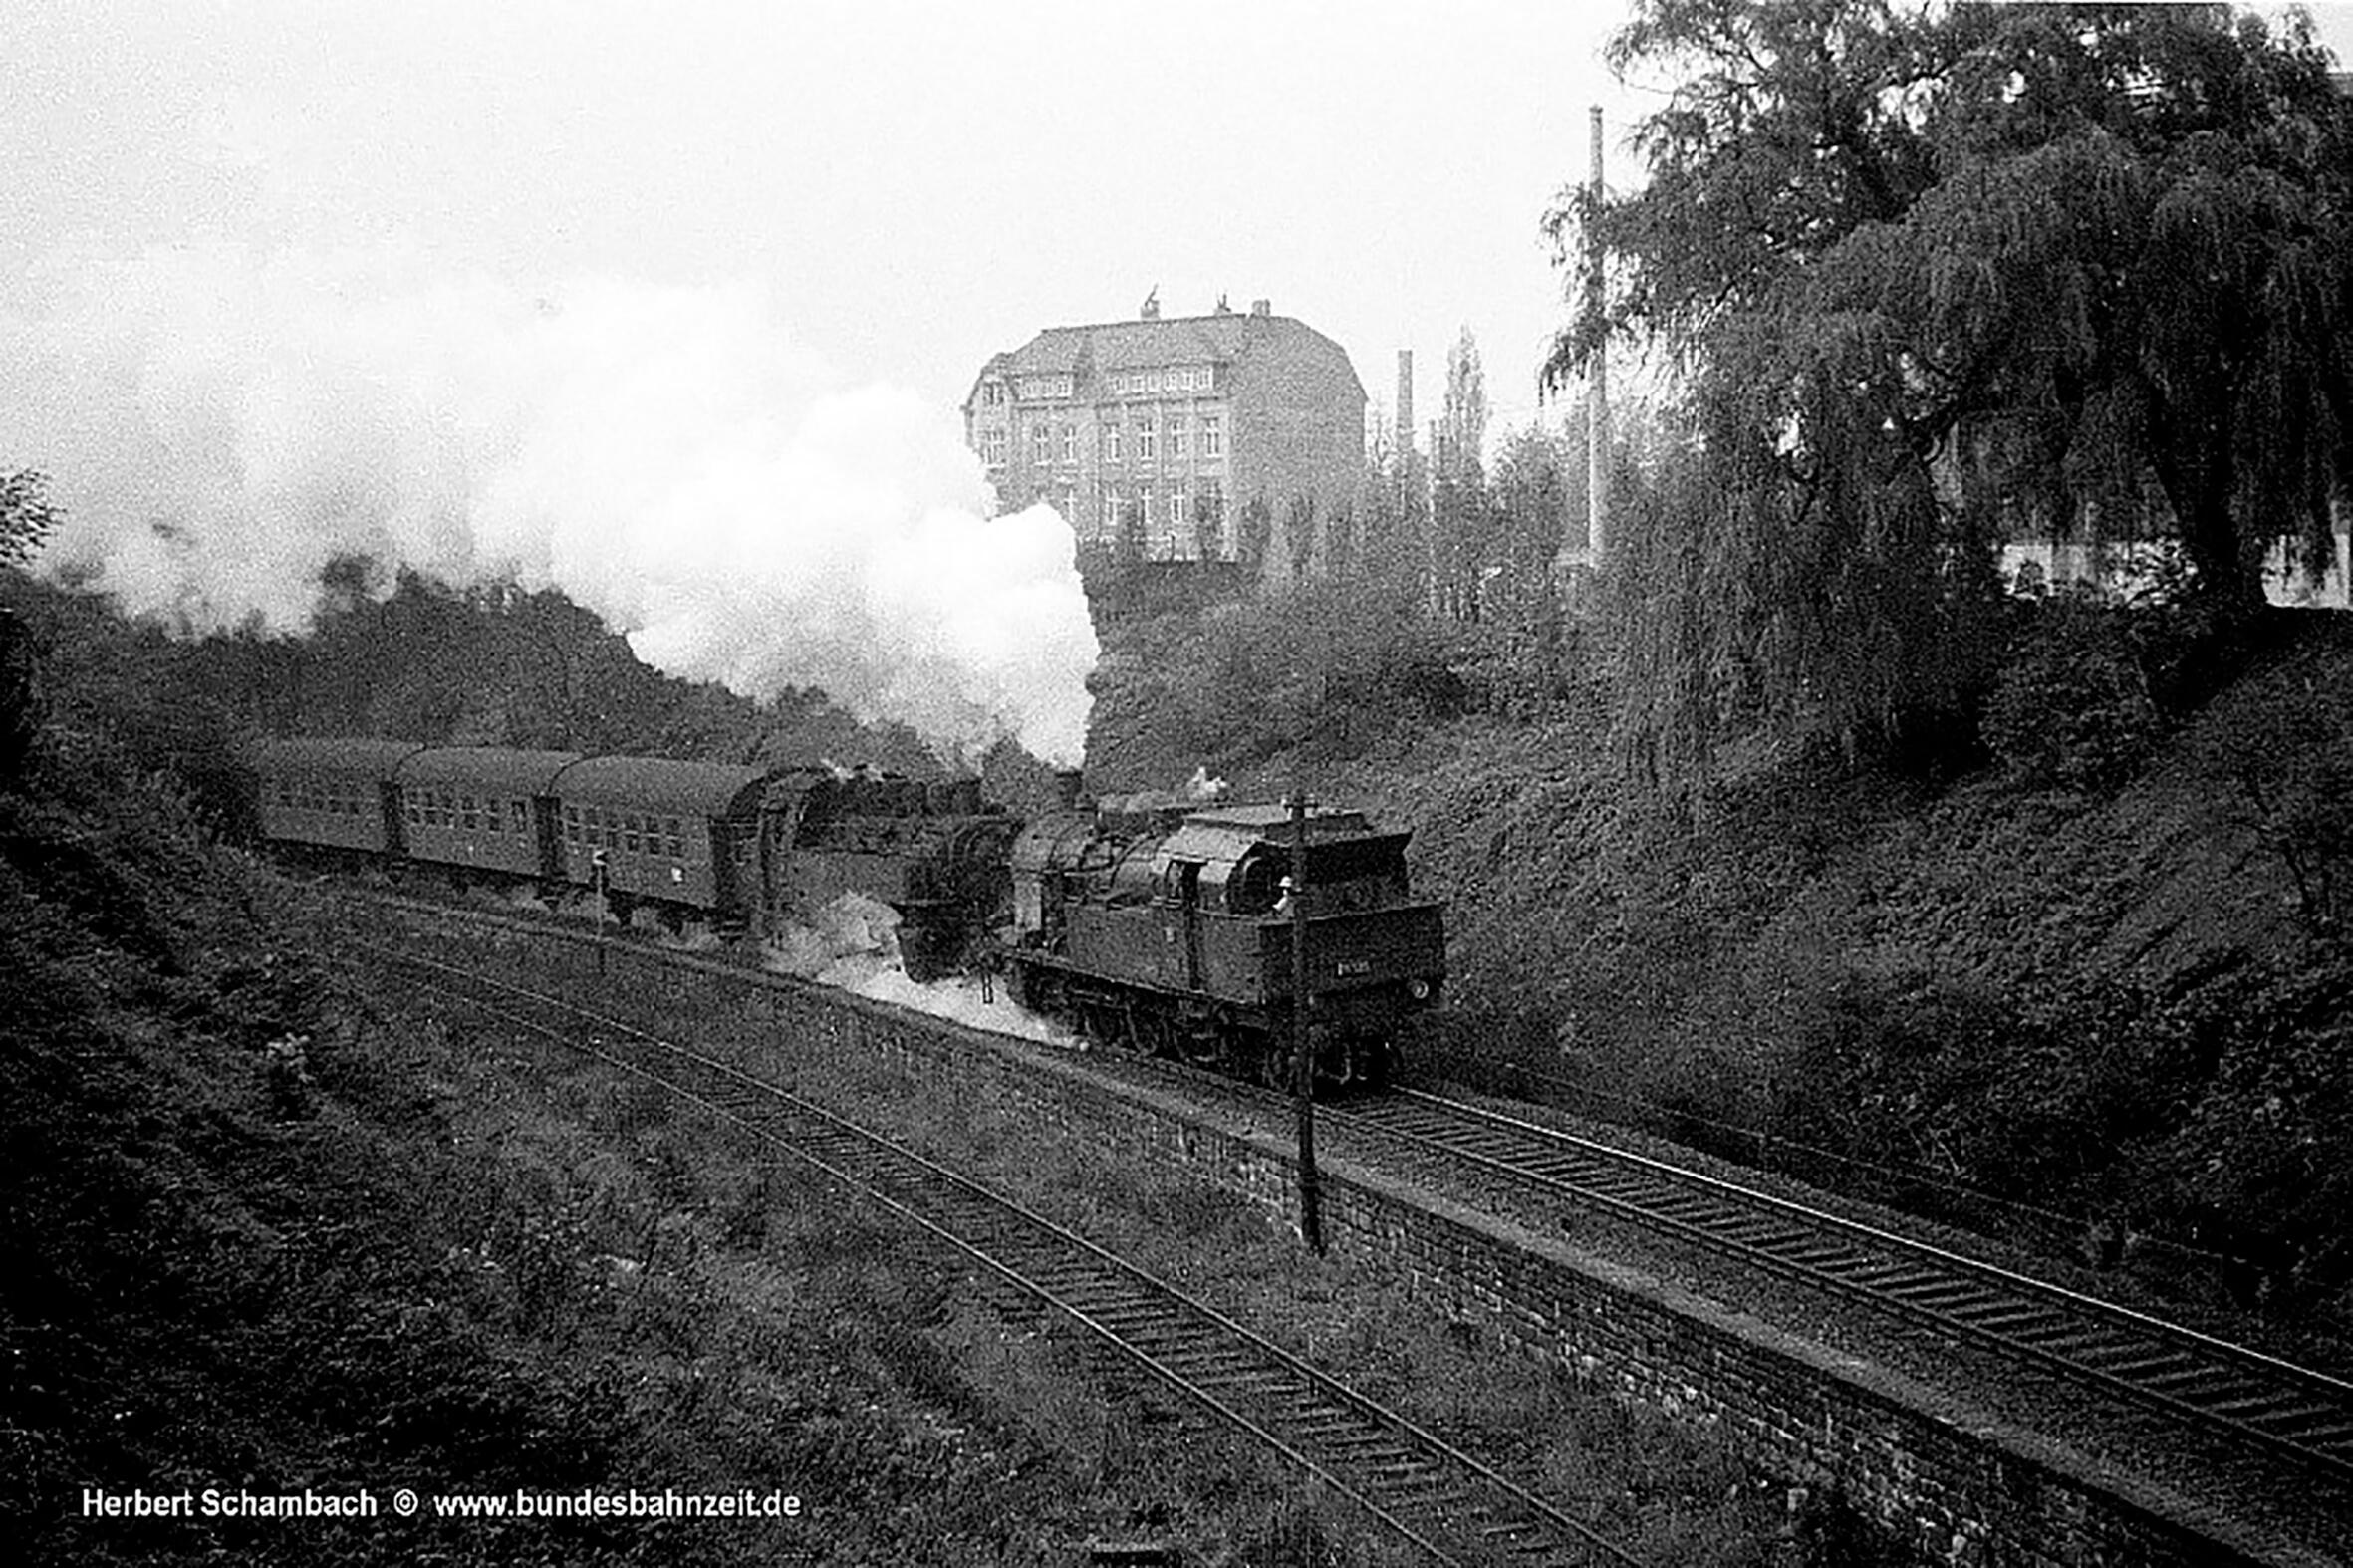 Kohle bremste Ruhr Schnellbahn aus